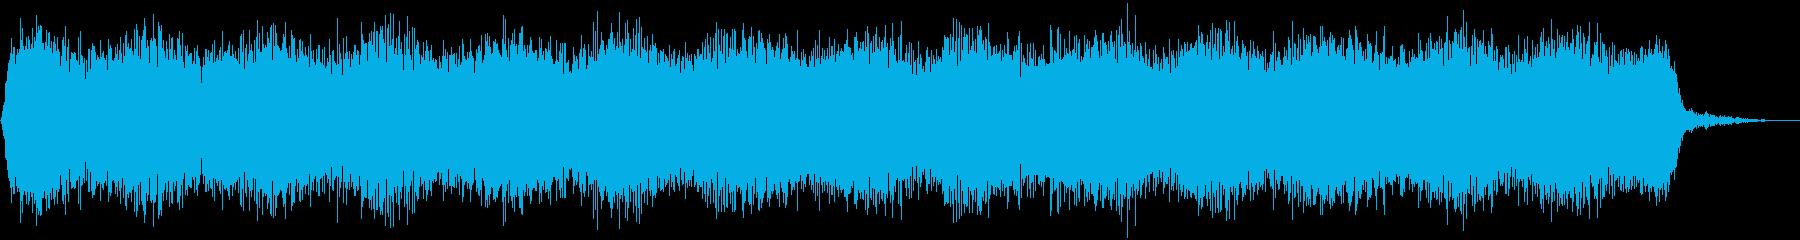 【アンビエント】ドローン_45 実験音の再生済みの波形